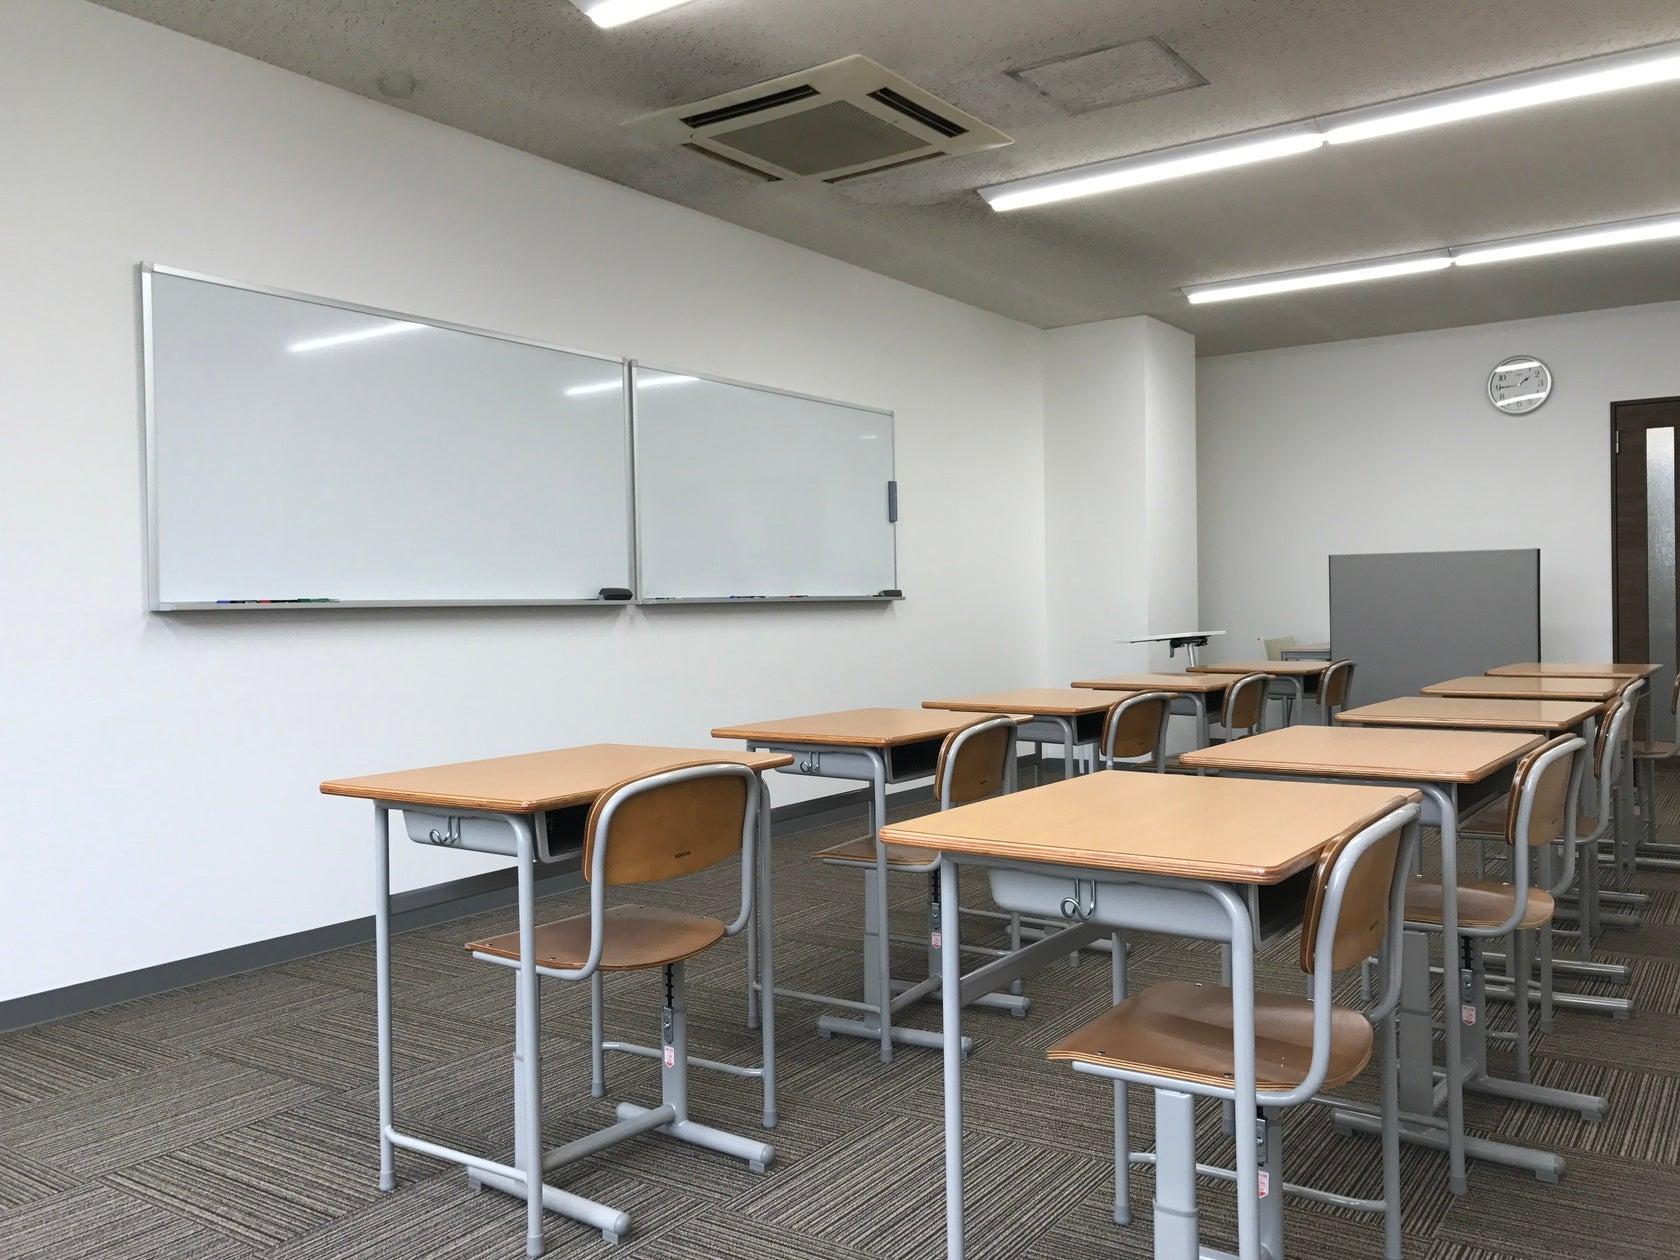 <event&meeting space>(Room3) ★教室・会議室・イベント・セミナー・撮影に最適★(桃太郎未来ゼミナール Room3) の写真0